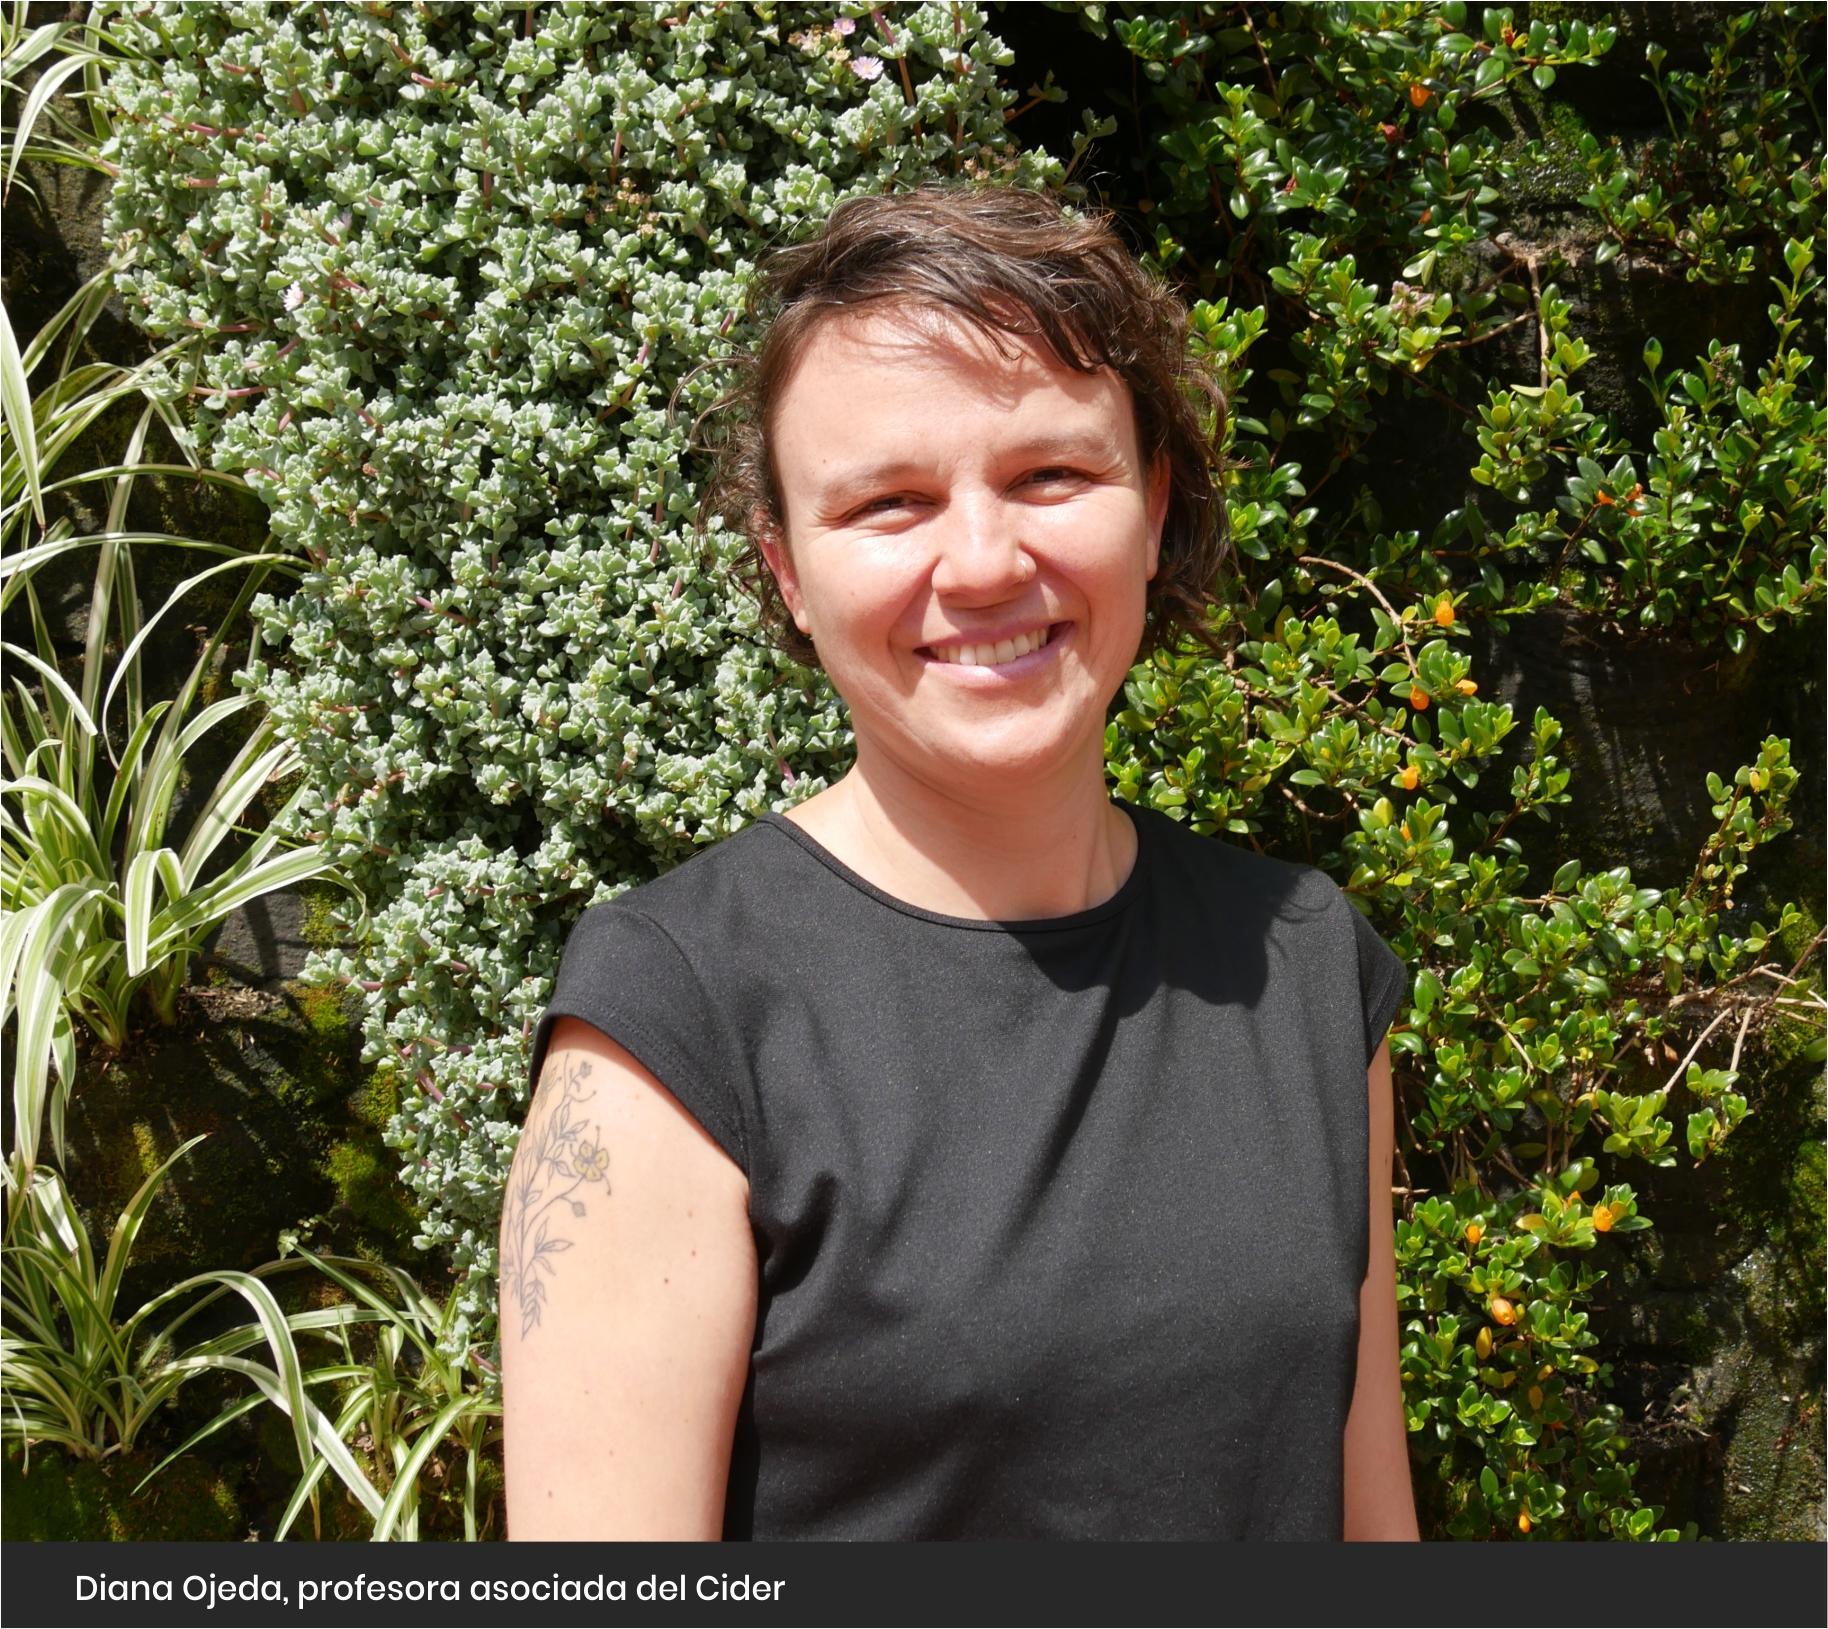 Diana Ojeda, profesora asociada del Cider | Uniandes